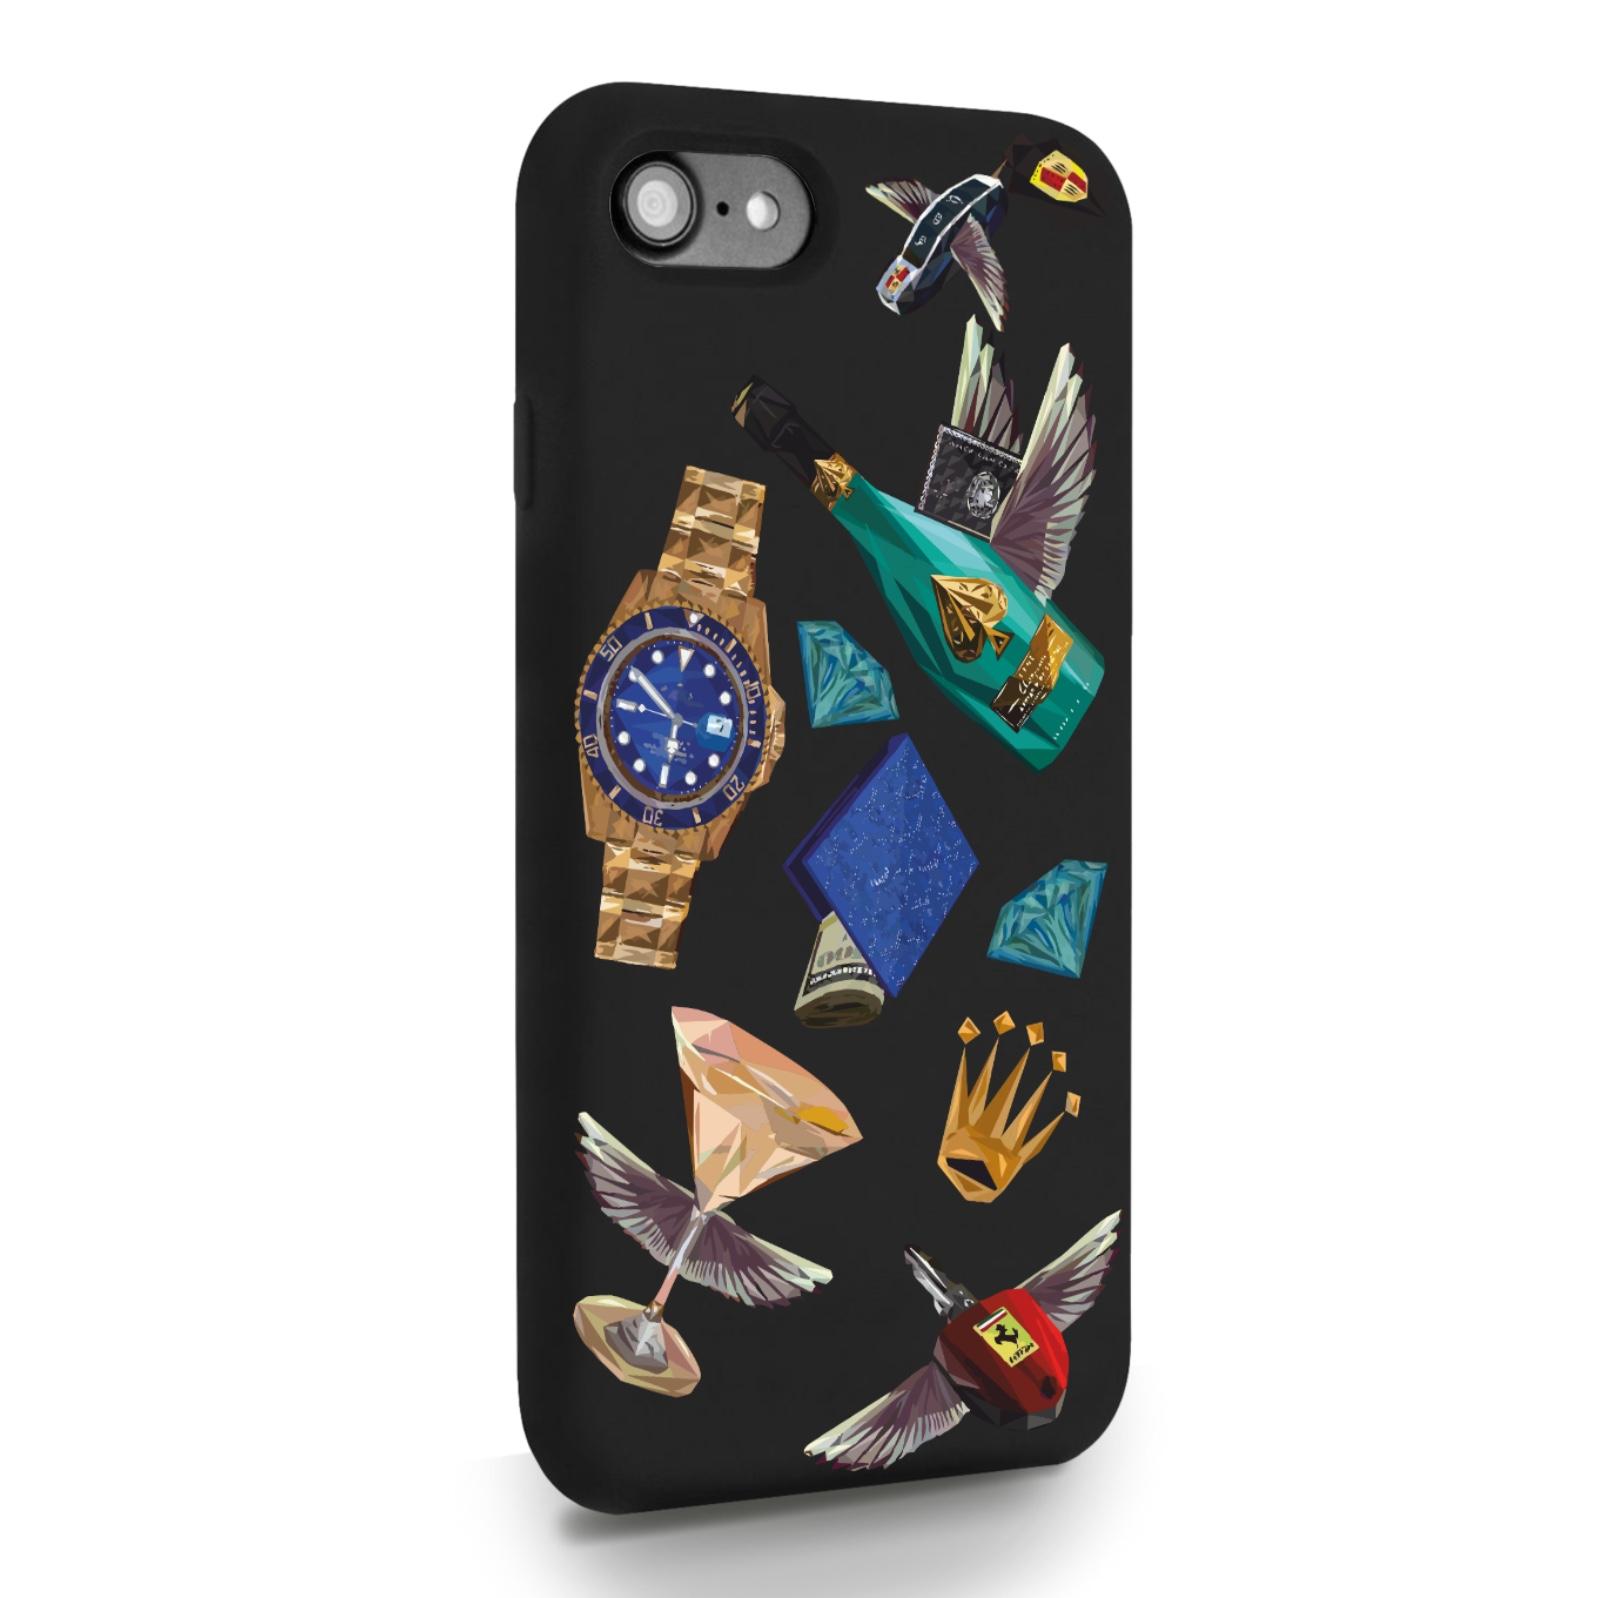 Черный силиконовый чехол для iPhone 7/8/SE2020 Luxury lifestyle для Айфон 7/8/СЕ2020